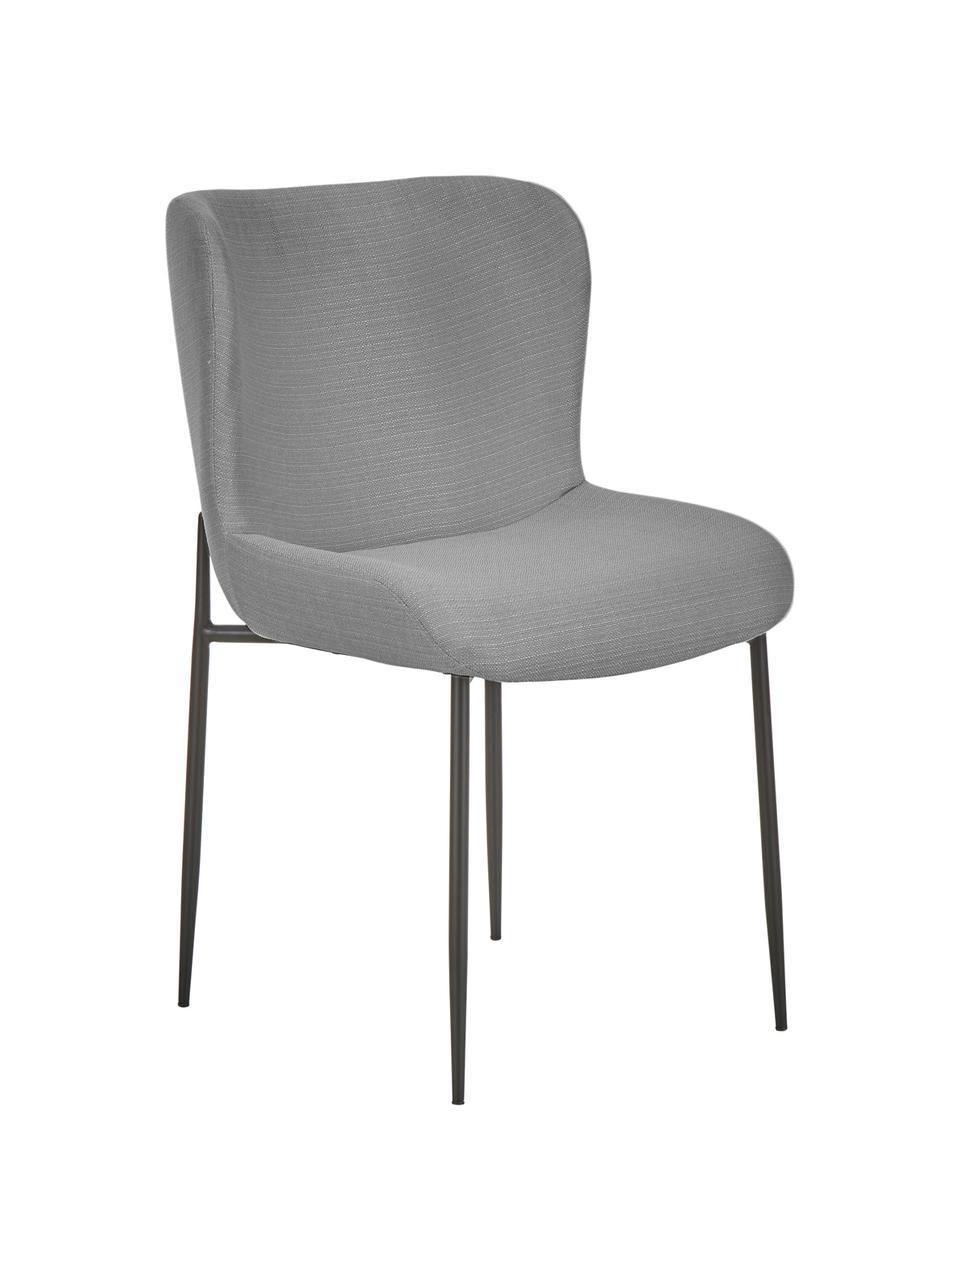 Polsterstuhl Tess in Grau, Bezug: Polyester Der hochwertige, Beine: Metall, pulverbeschichtet, Webstoff Grau, Schwarz, 49 x 84 cm